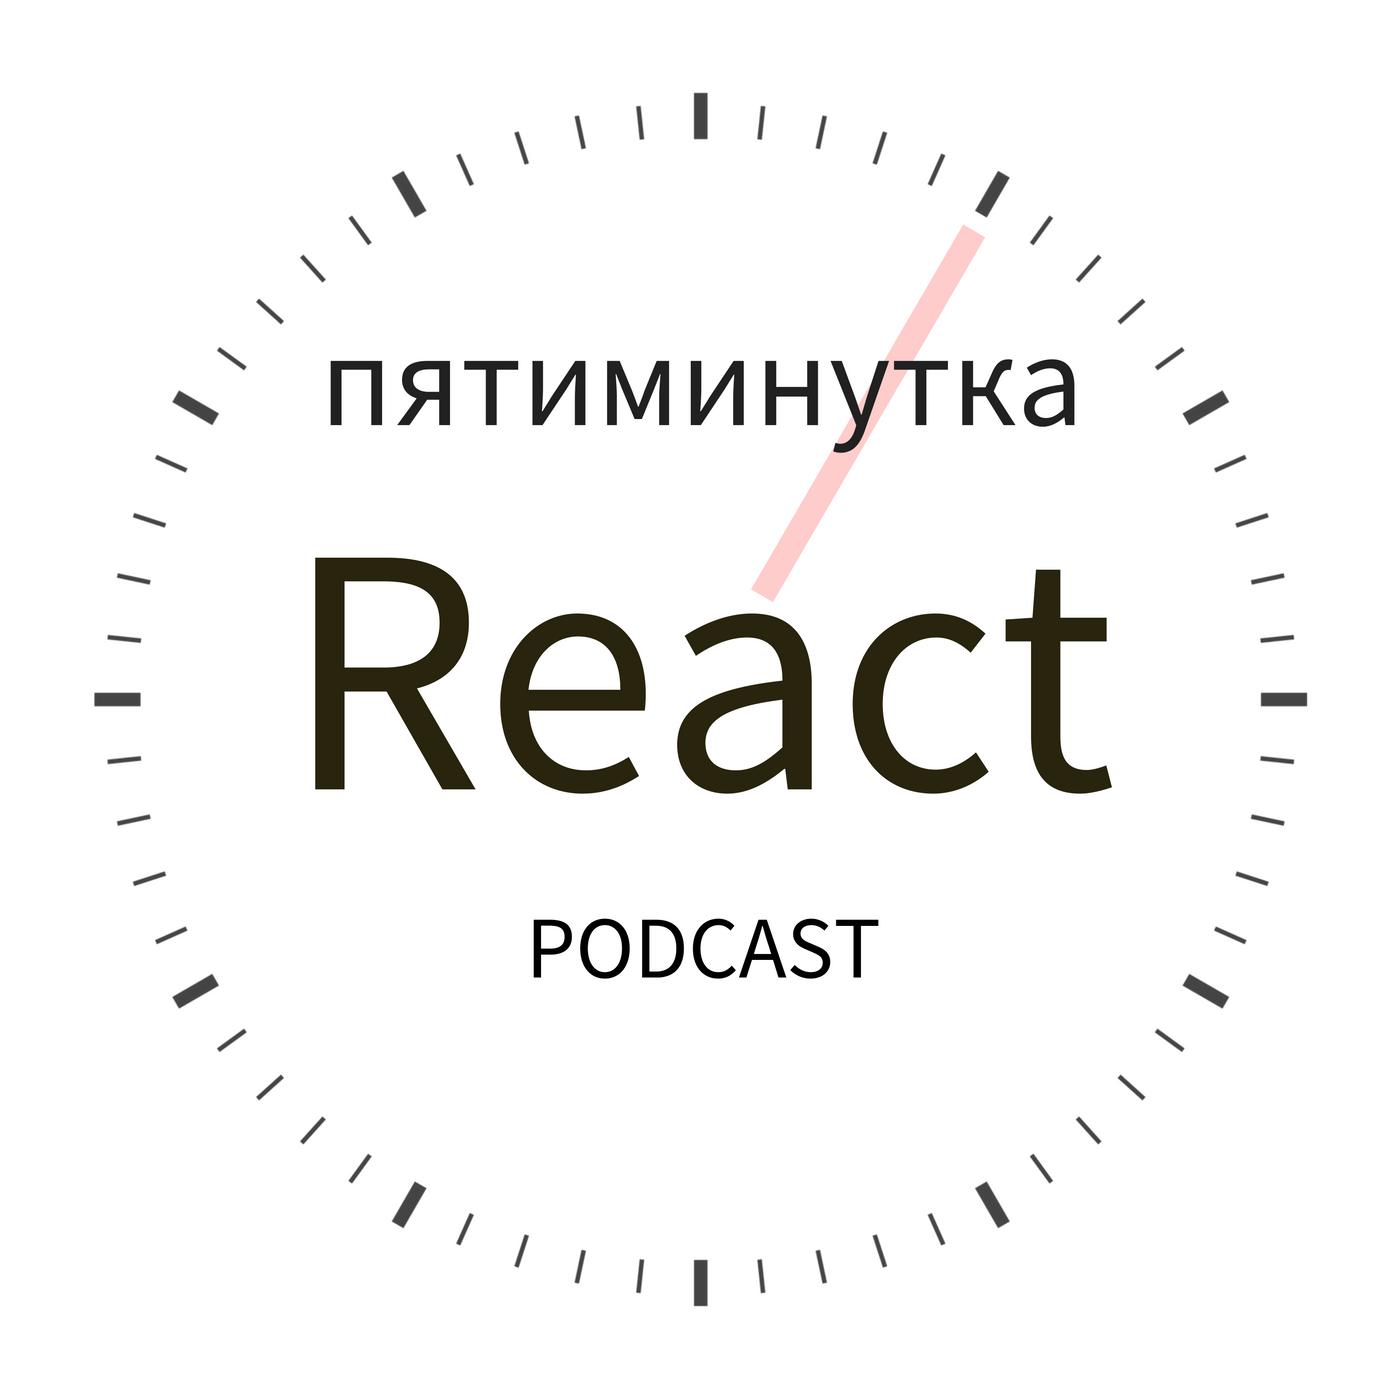 Для тех, кто познаёт ушами: подкасты для разработчиков - 17